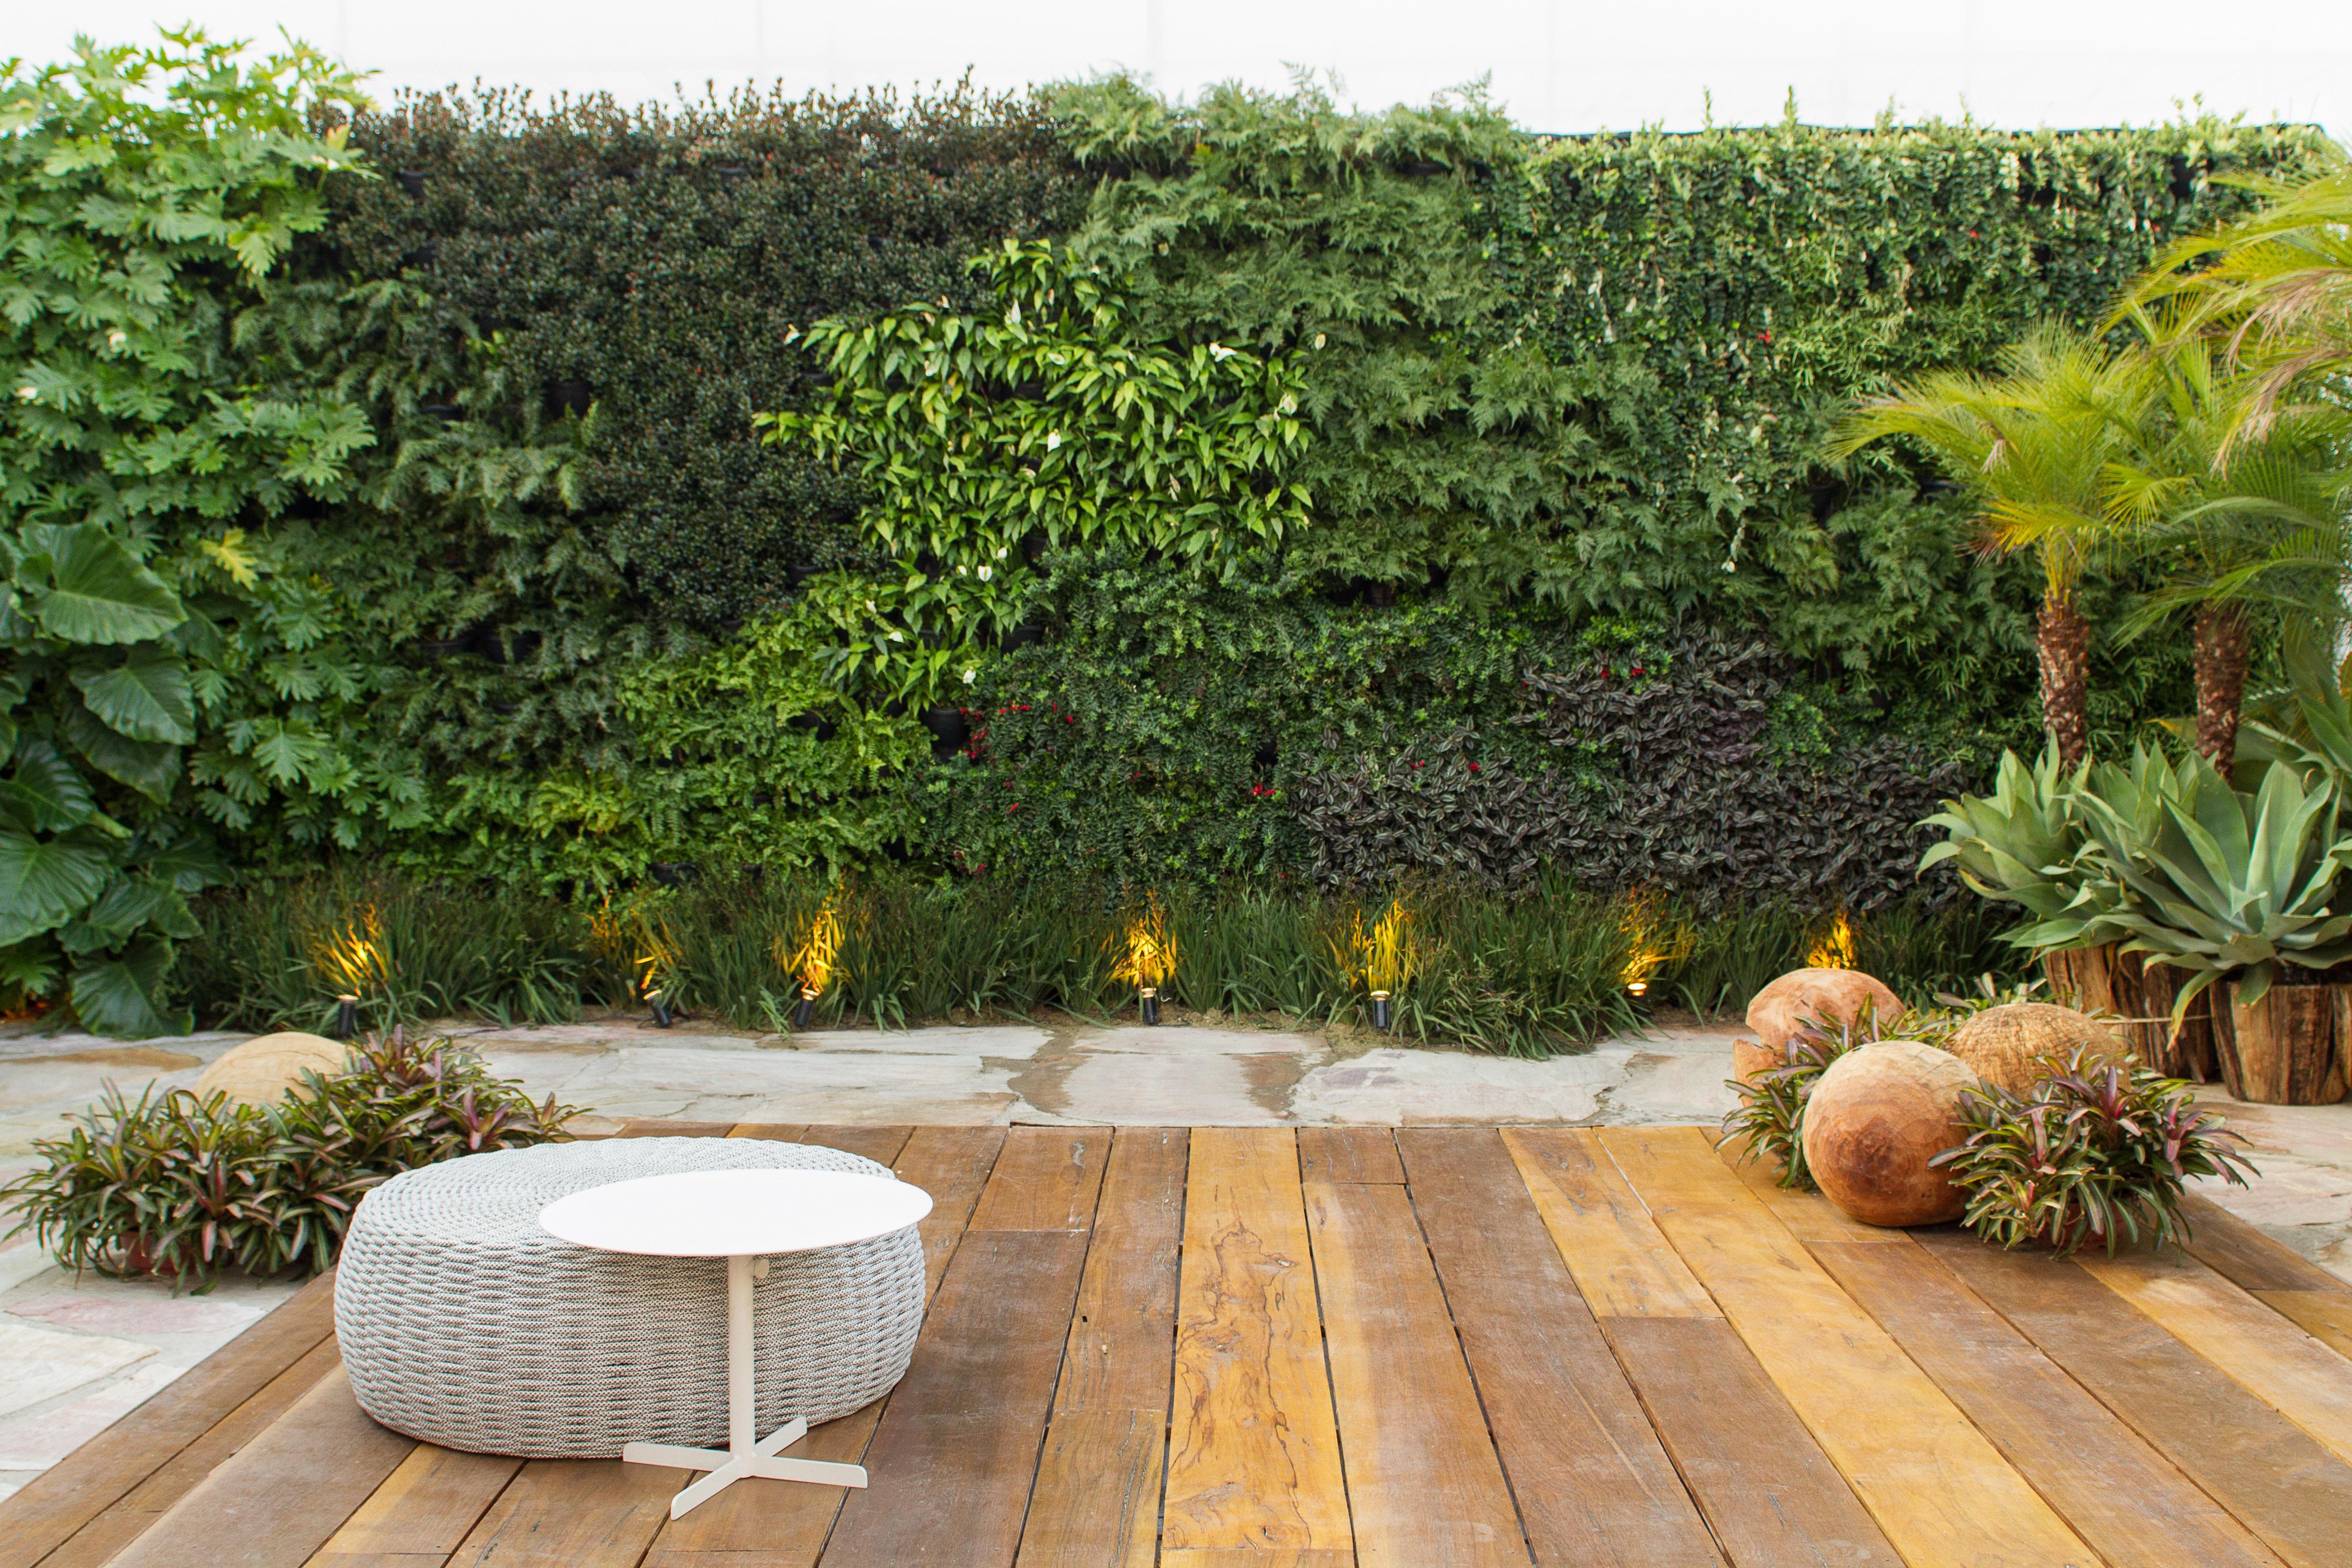 banco de jardim poesia:Nome do ambiente: Jardim Surpresas e Reflexão